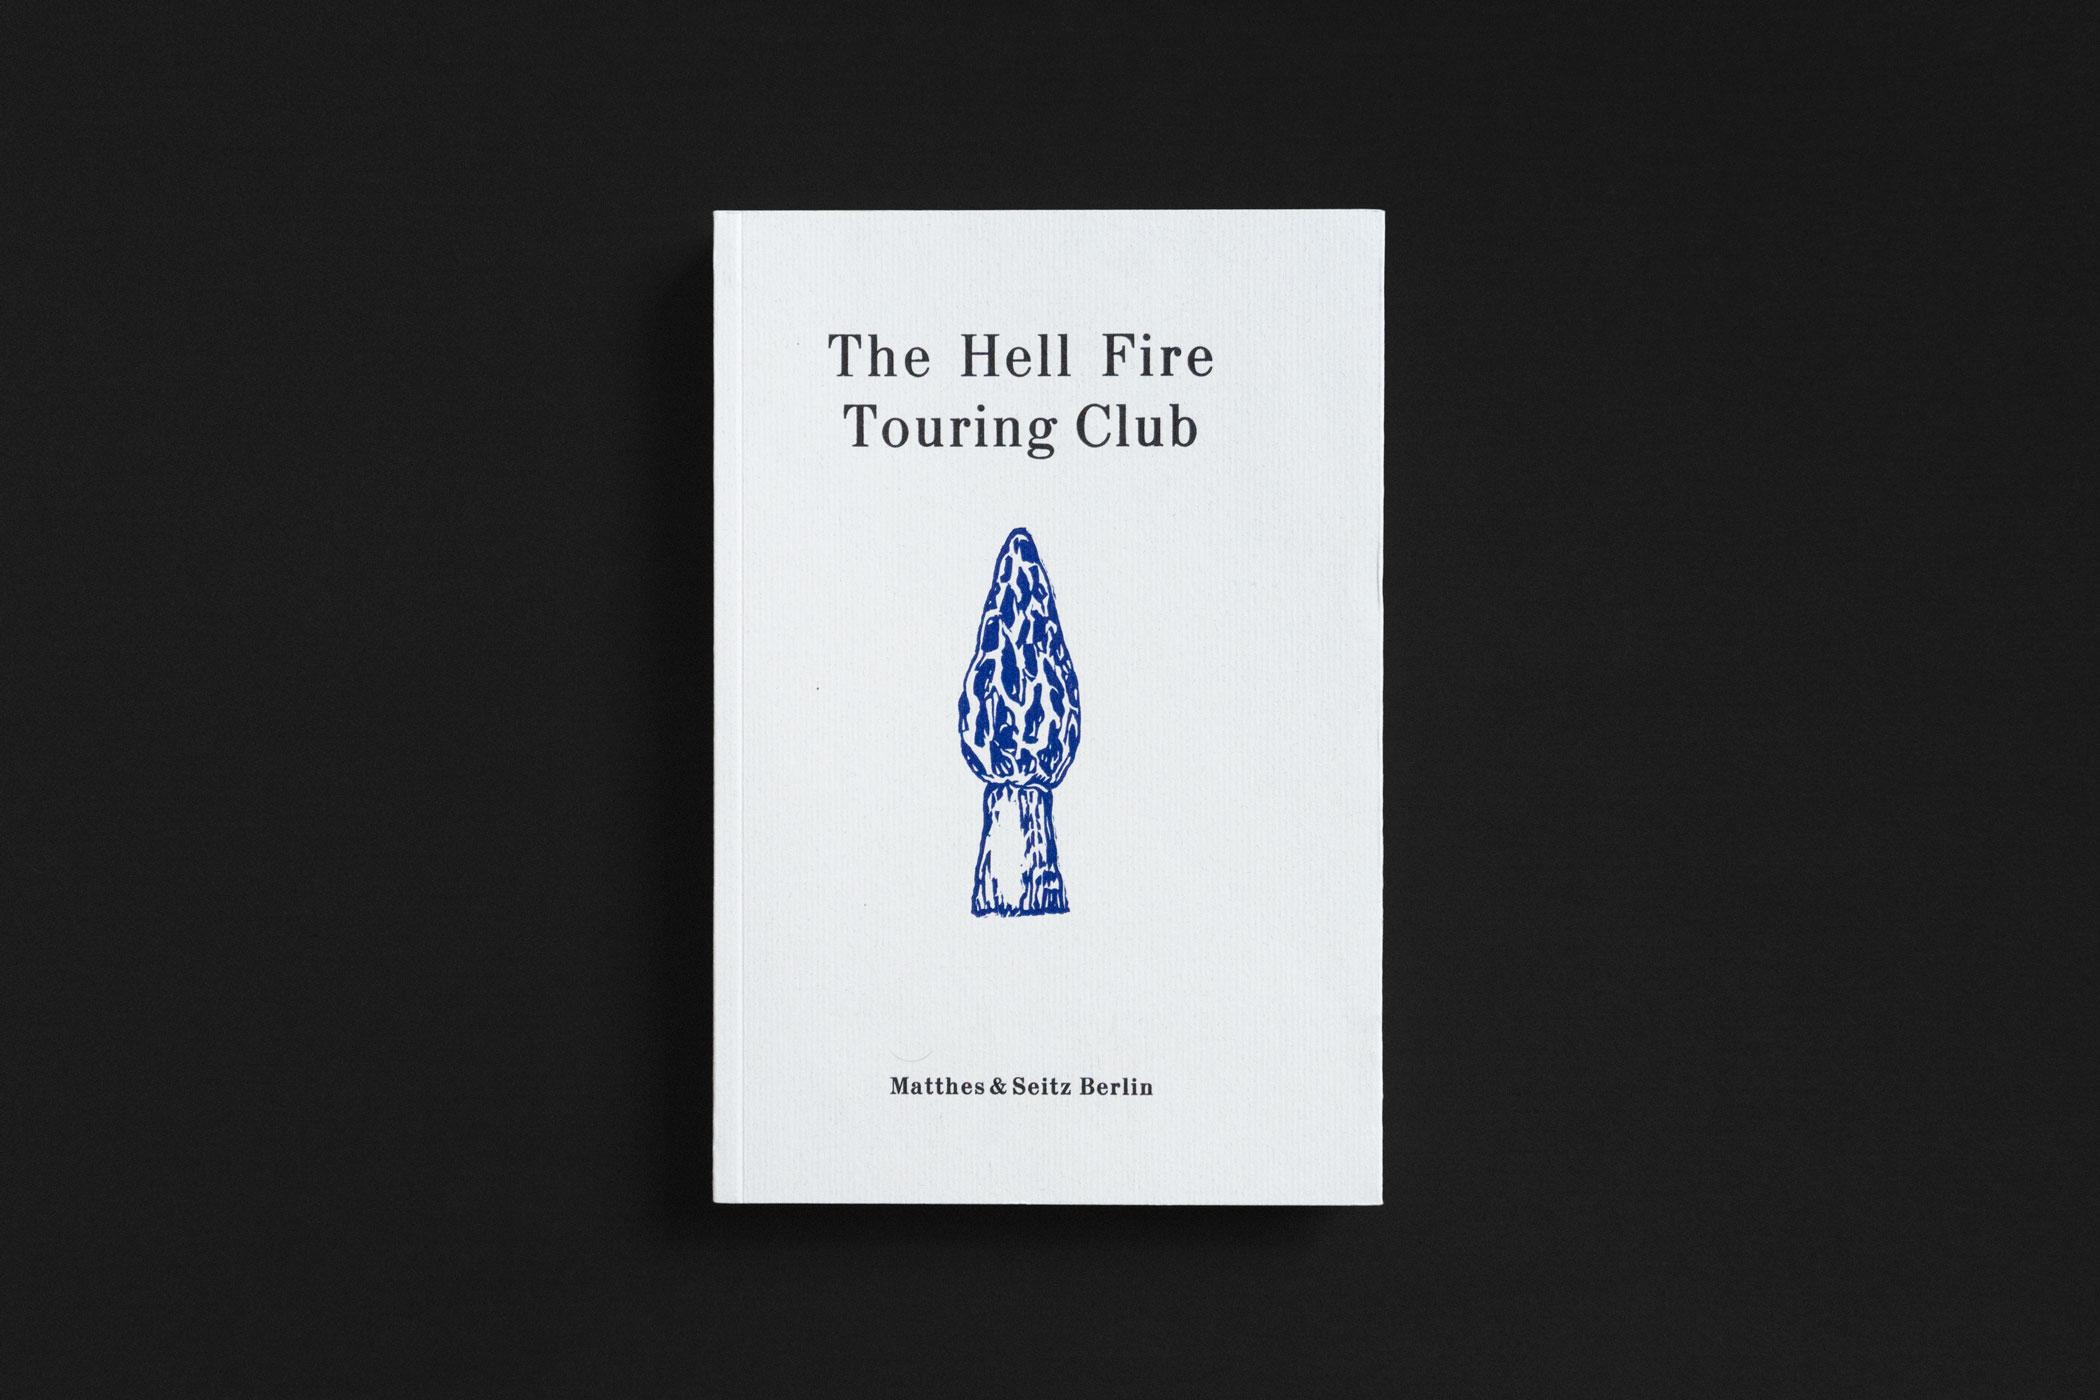 """Das Buch """"The Hell Fire Touring Club"""" erschienen im Verlag Matthes & Seitz Berlin mit einem blauen Holzschnitt einer Morchel von Christian Thanhäuser am Umschlag"""